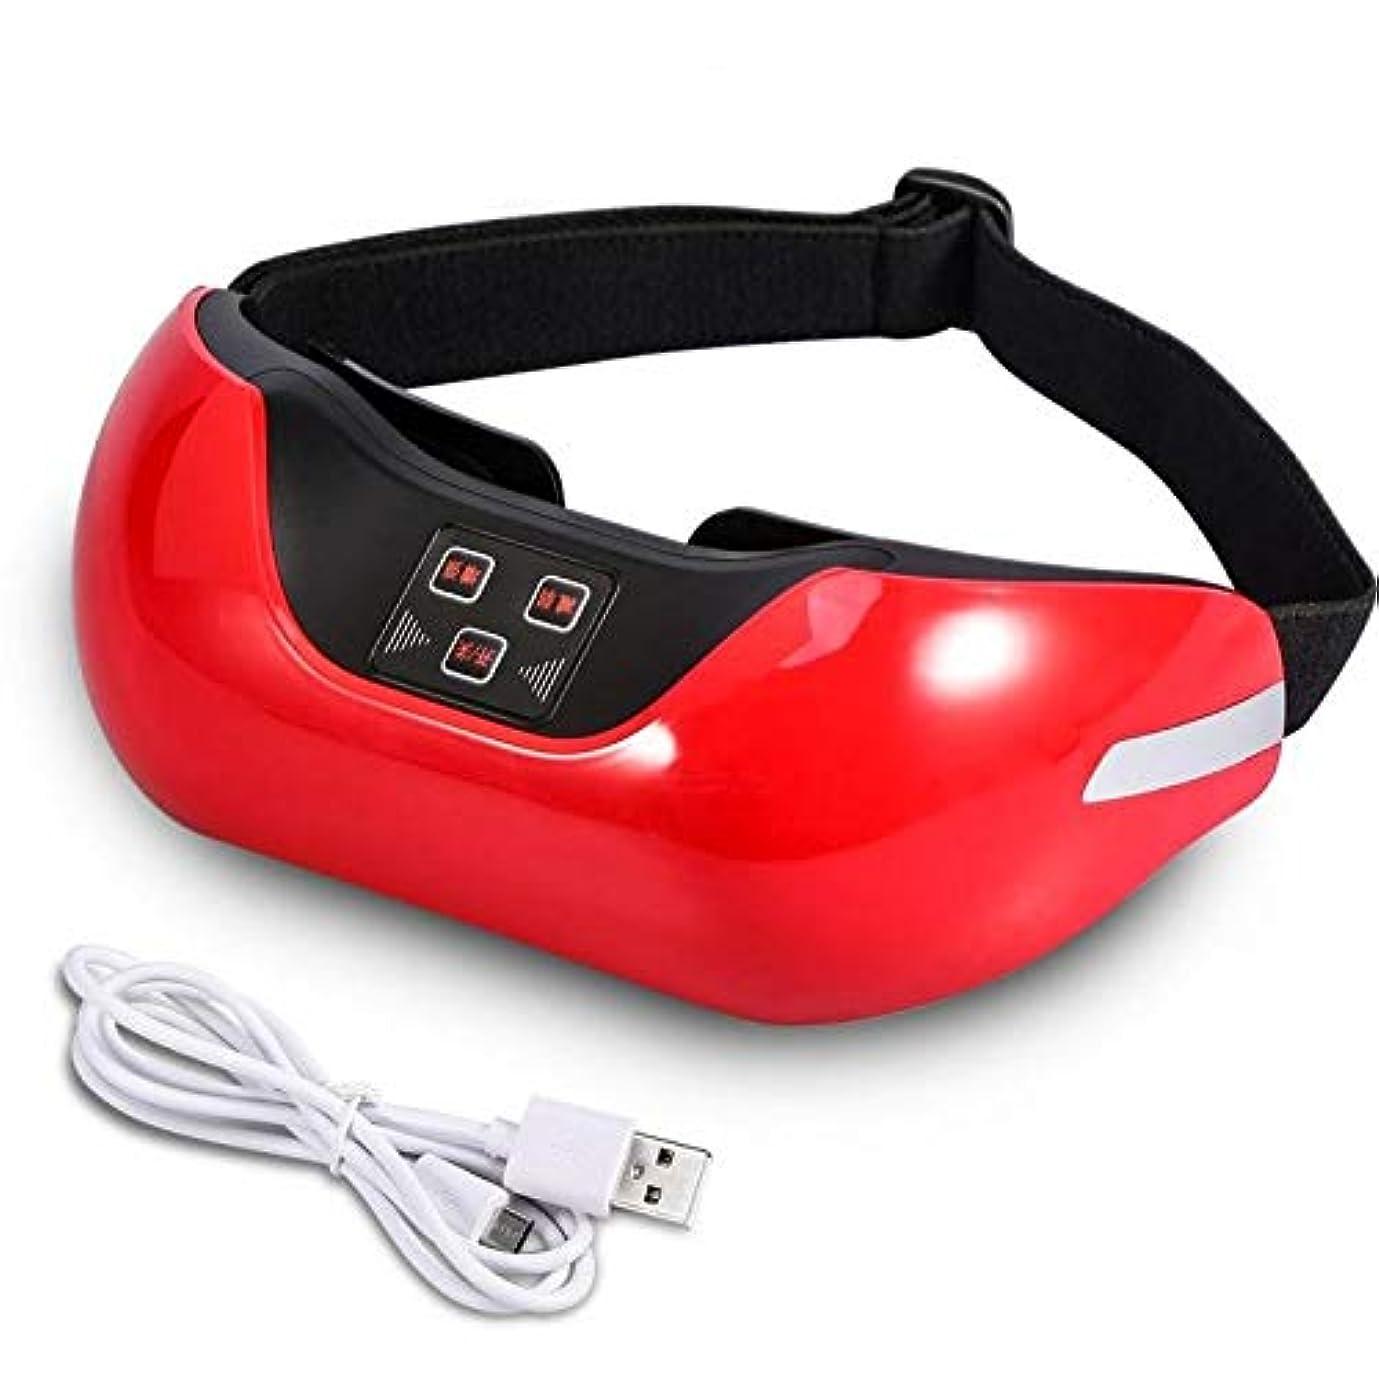 ファイバせっかち著者Meet now 緑色光アイマッサージャー付き3D充電式マッサージャー 品質保証 (Color : Red)